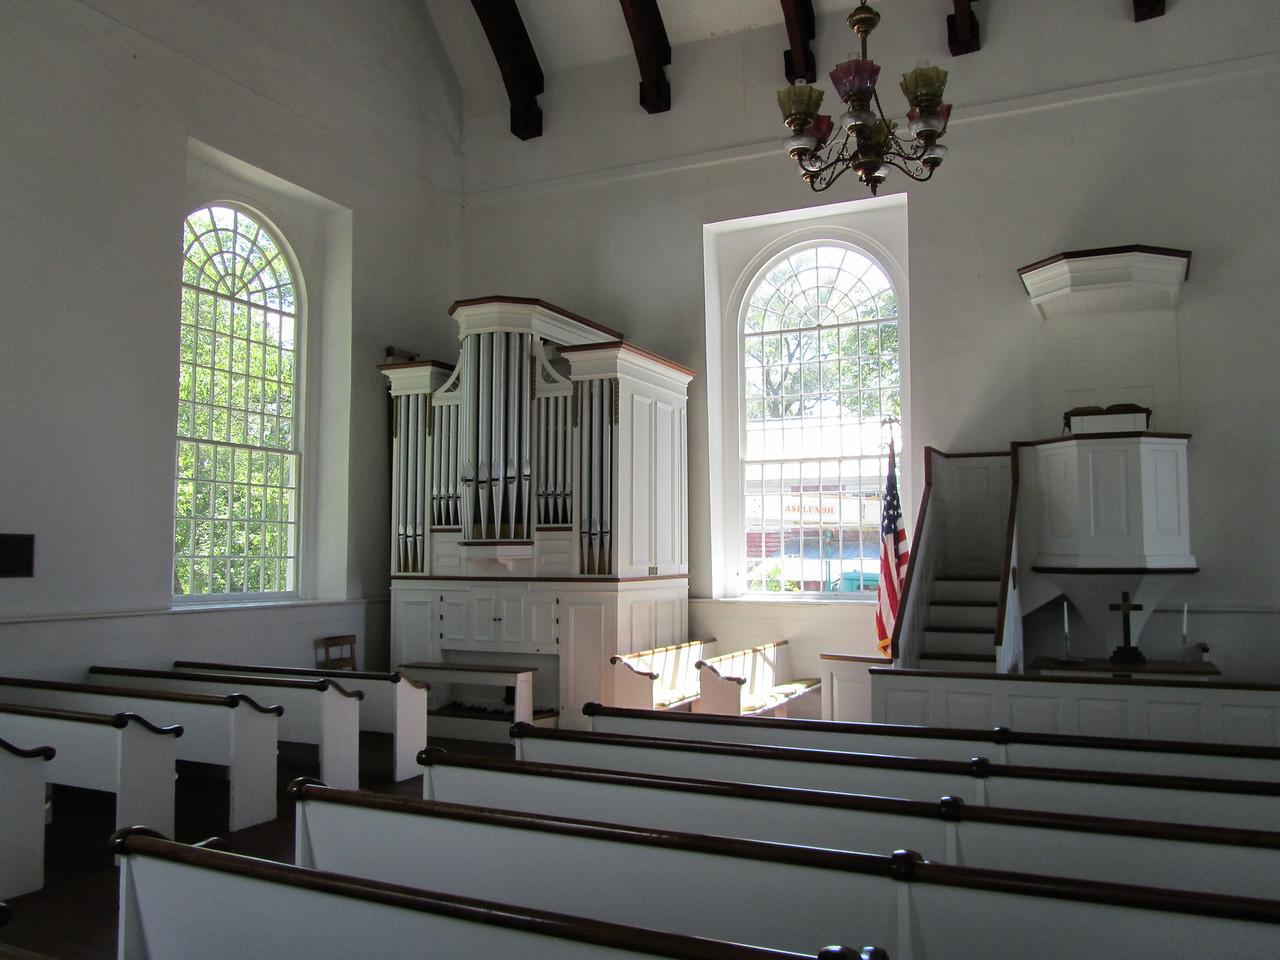 Nice old organ. Not sure if it is original.